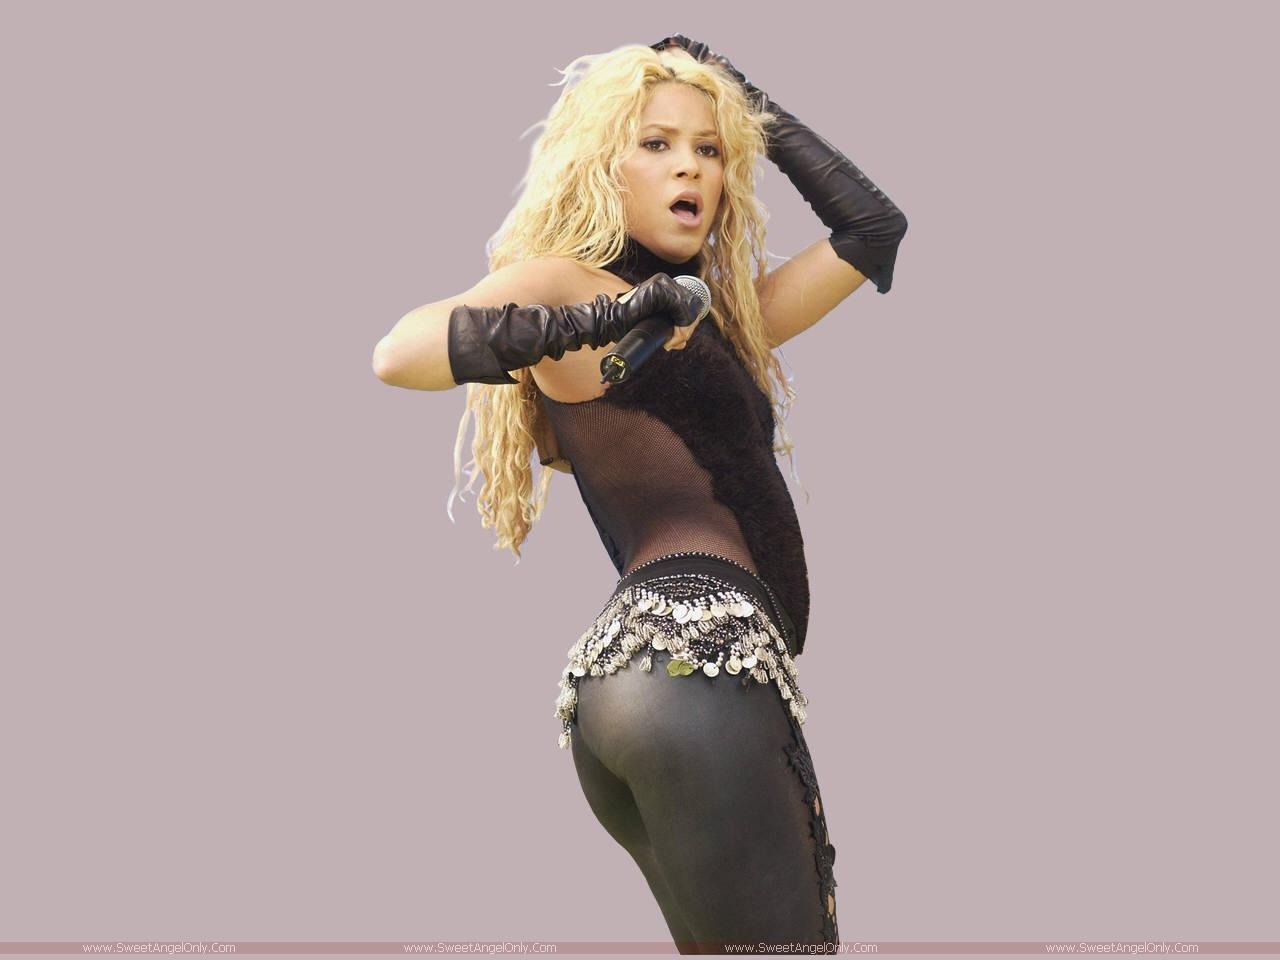 http://4.bp.blogspot.com/-rAUhLnucH2A/TimF6_9pqTI/AAAAAAAAHlQ/JVWnONd6CBM/s1600/Shakira_1152x864_wallpaper.jpg